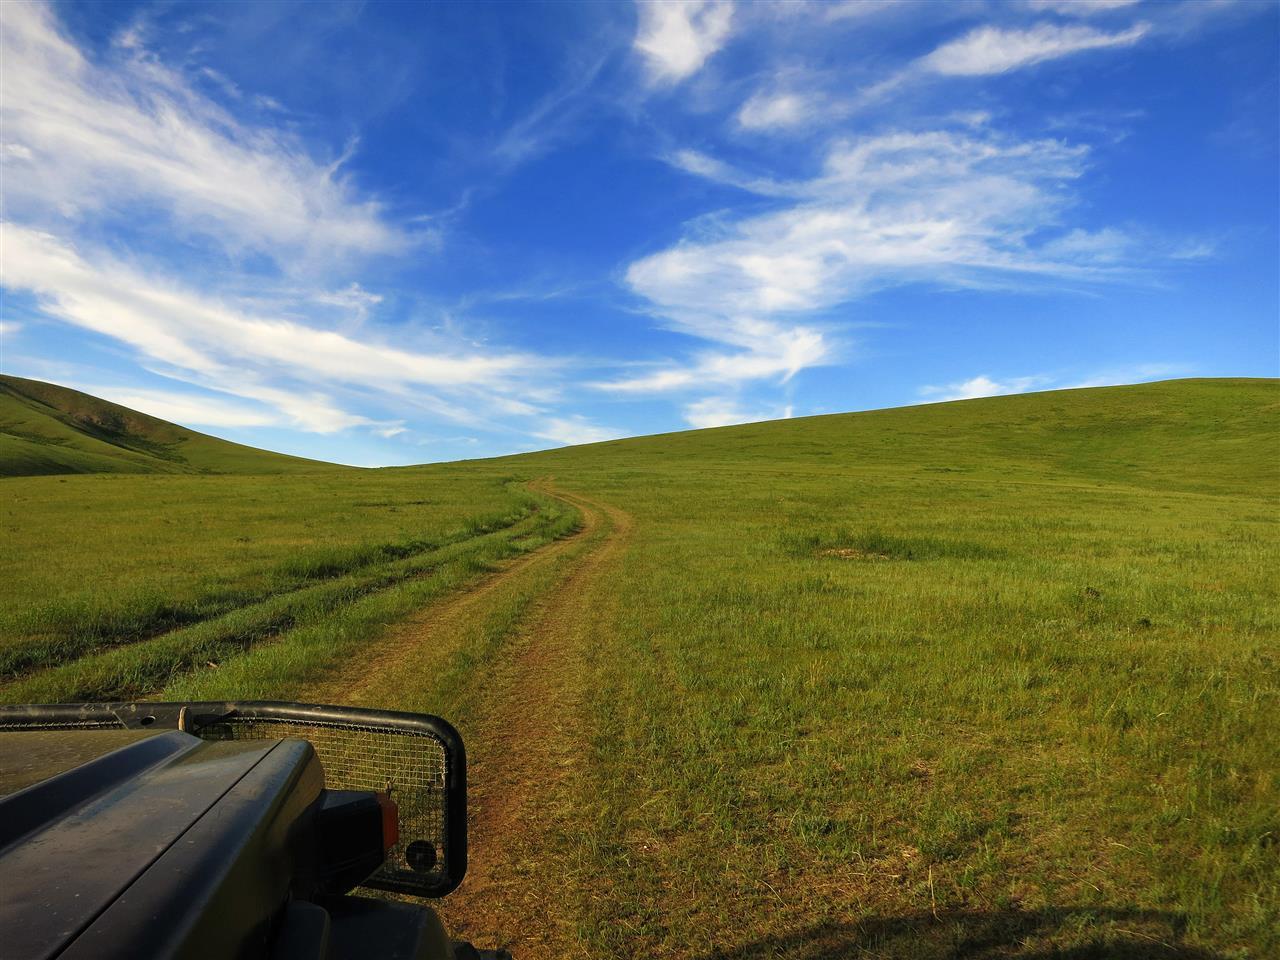 alles schön grün (Mongolei)